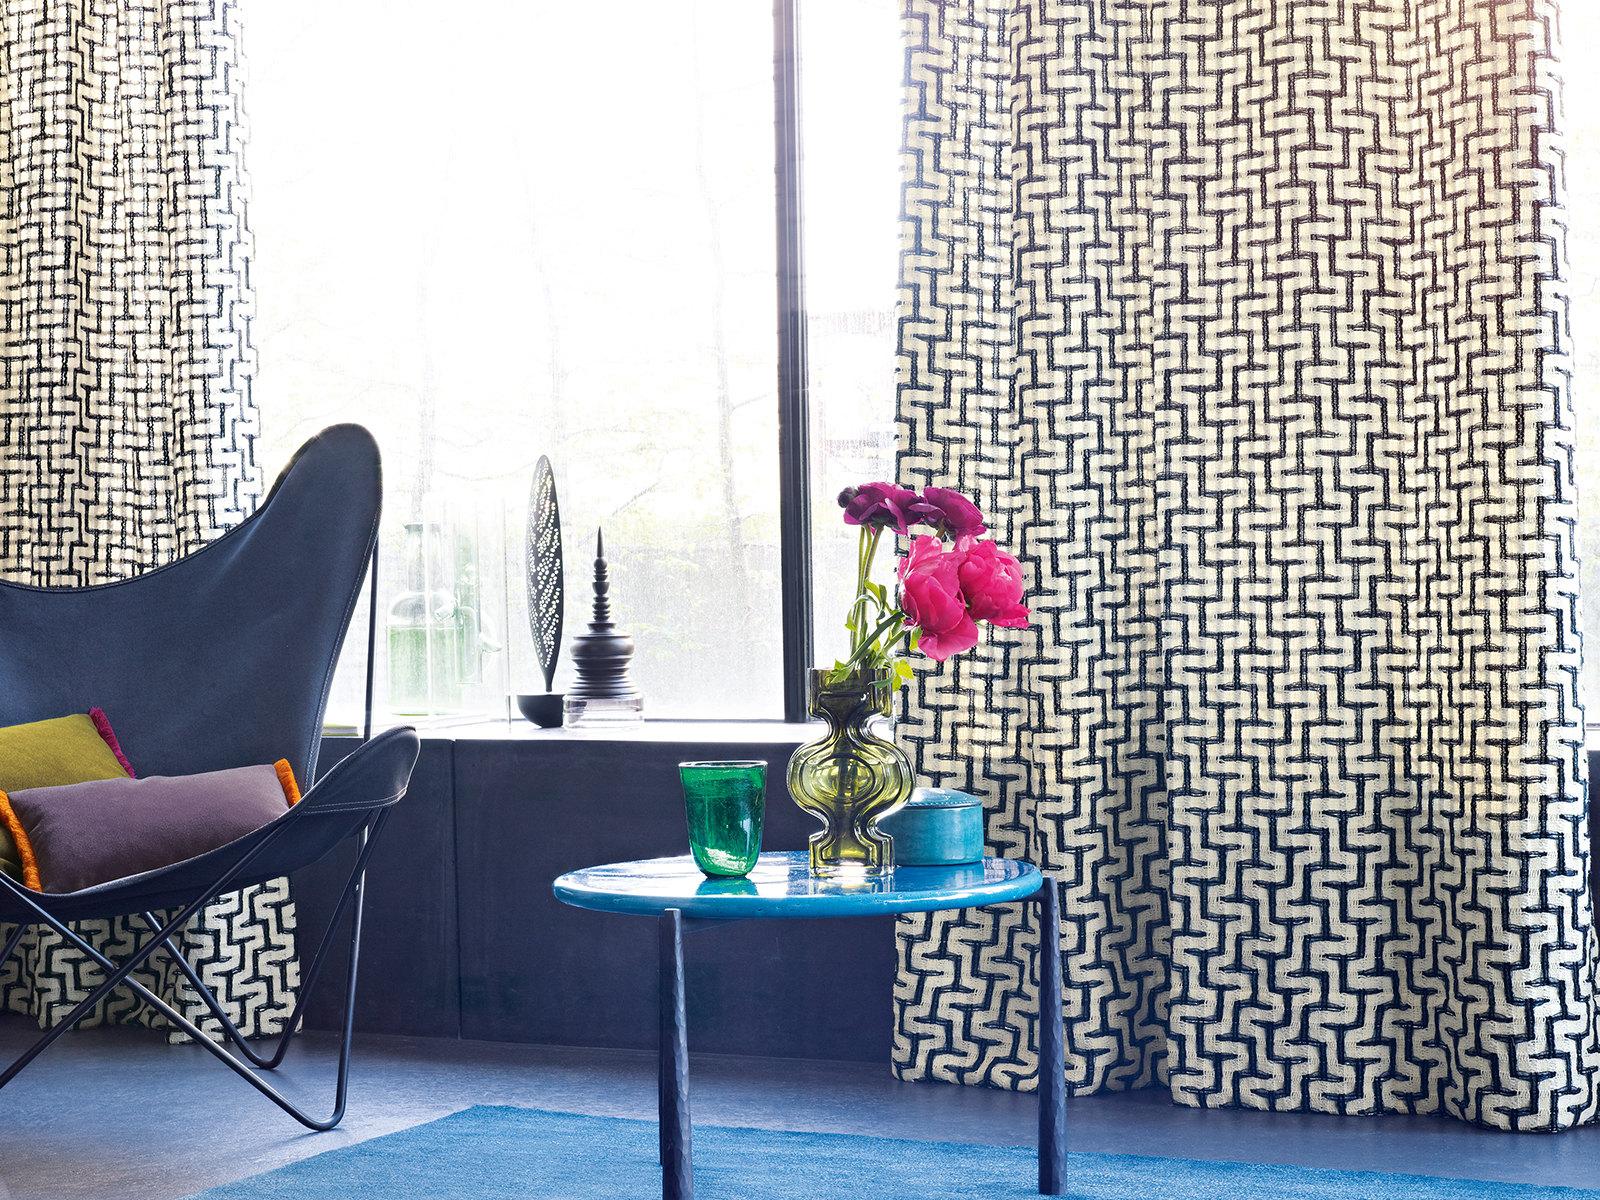 die neue herbstkollektion 2017 von zimmer rohde. Black Bedroom Furniture Sets. Home Design Ideas